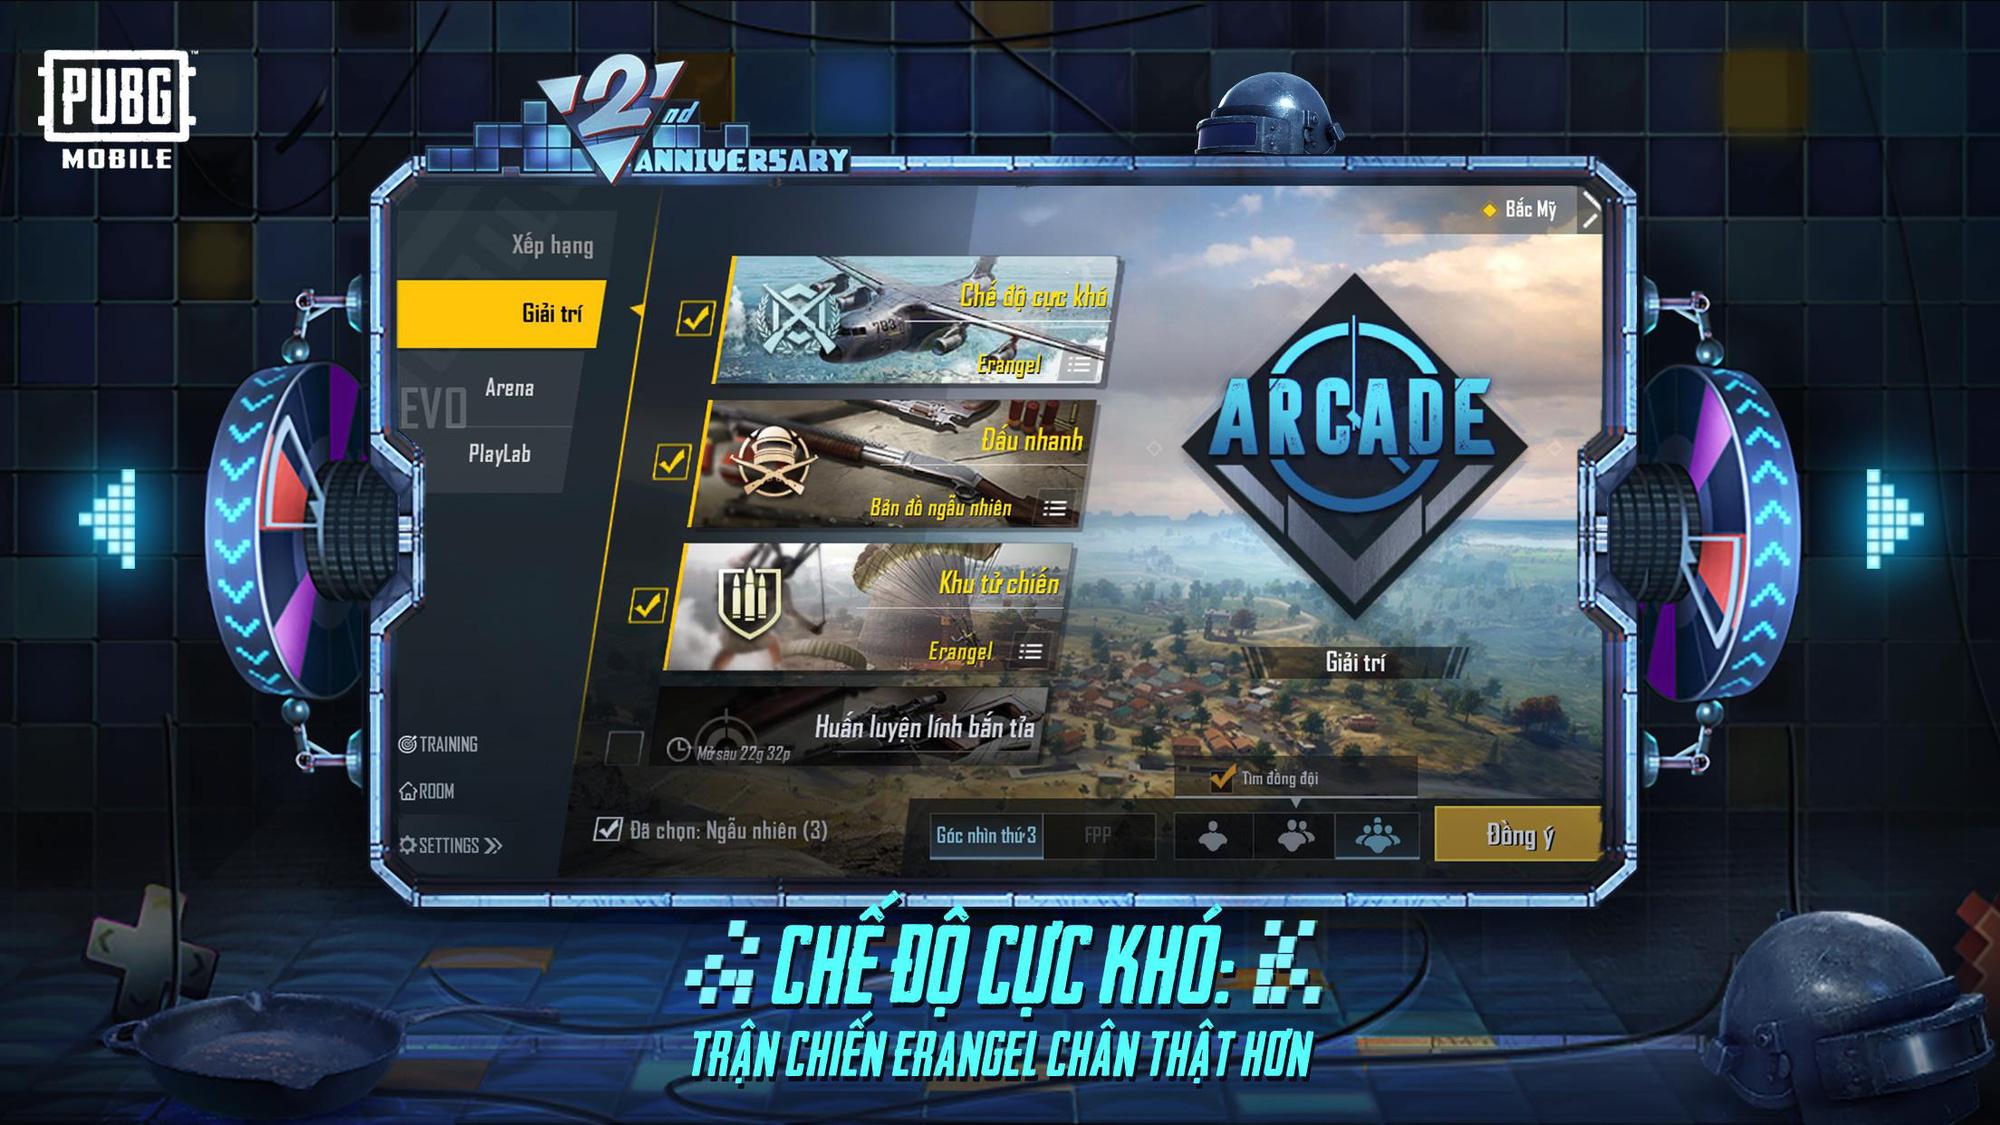 """PUBG Mobile Việt Nam """"cắt bánh sinh nhật"""" với hàng loạt nâng cấp mới: từ dạo chơi Công Viên Giải Trí đến tranh đấu khắc nghiệt ở chế độ Cực Khó! - Ảnh 3."""